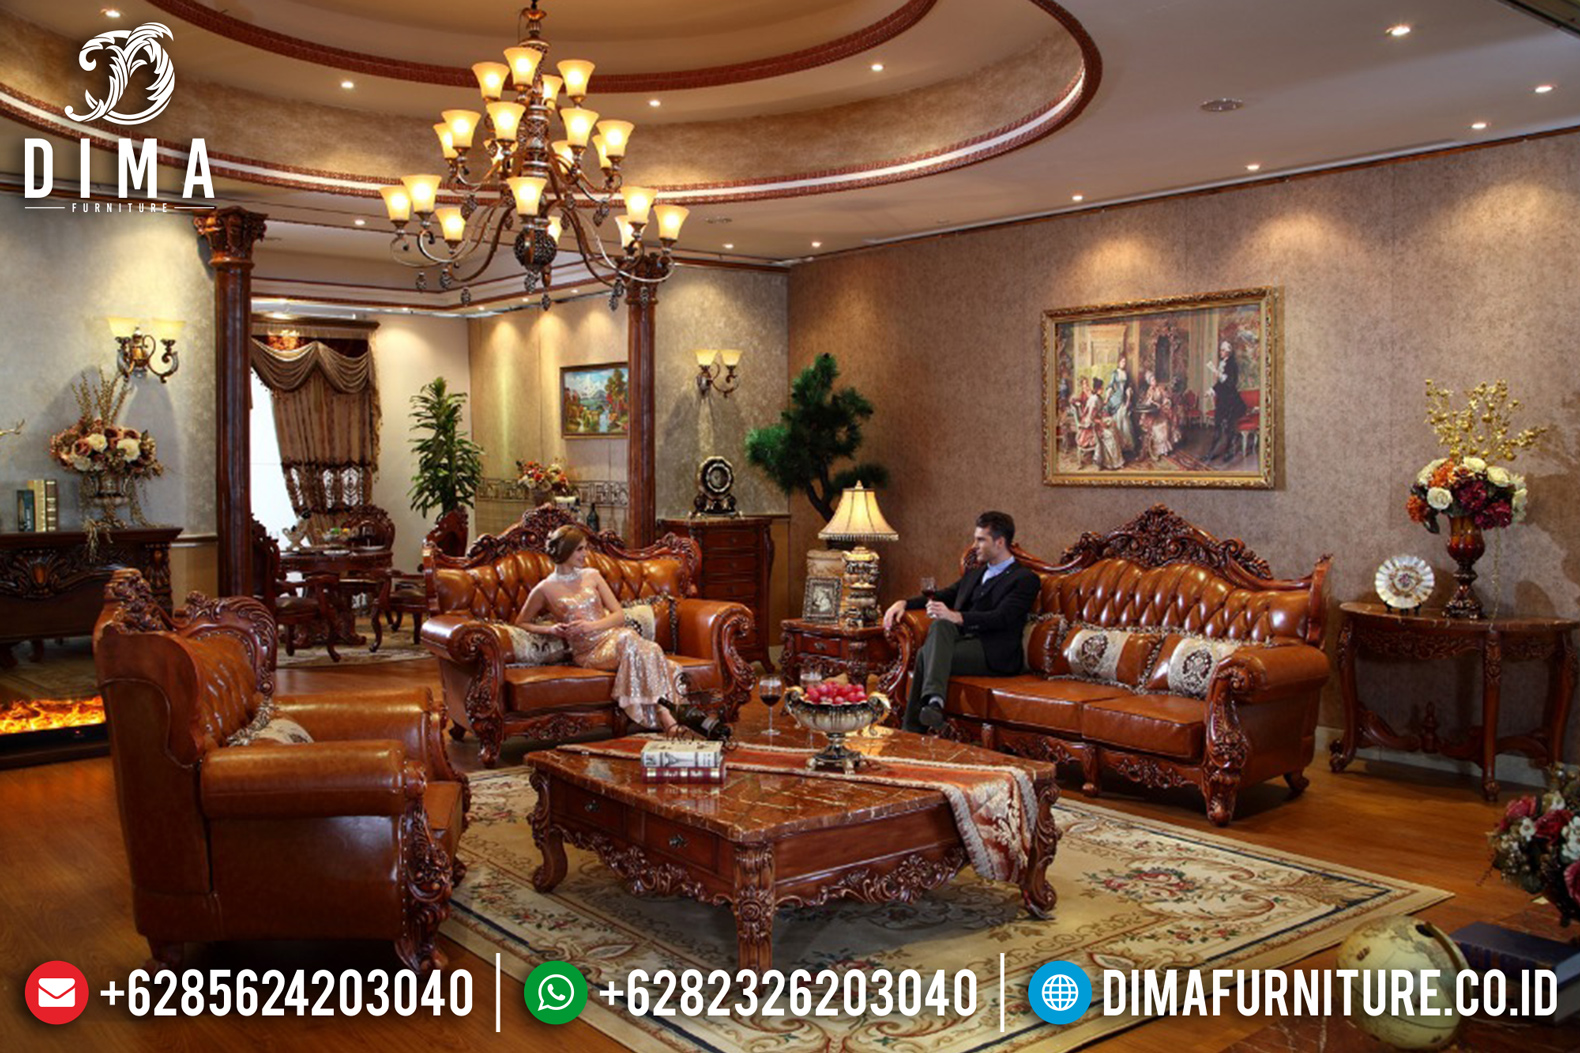 Luxury Italian Furniture Sofa Tamu Jepara Mewah Klasik Natural ST-0614